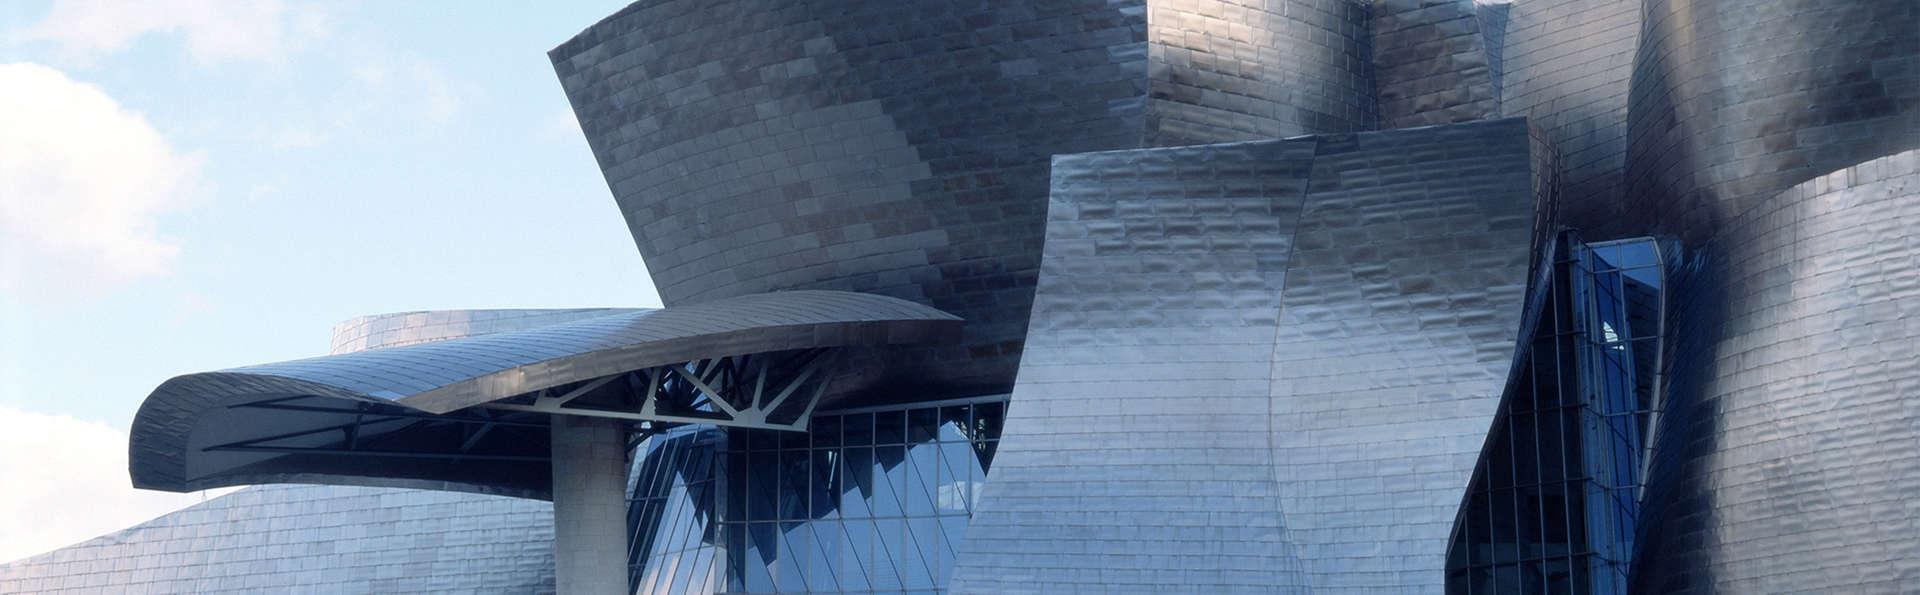 Bilbao cultural con visita al Museo de arte contemporáneo Guggenheim